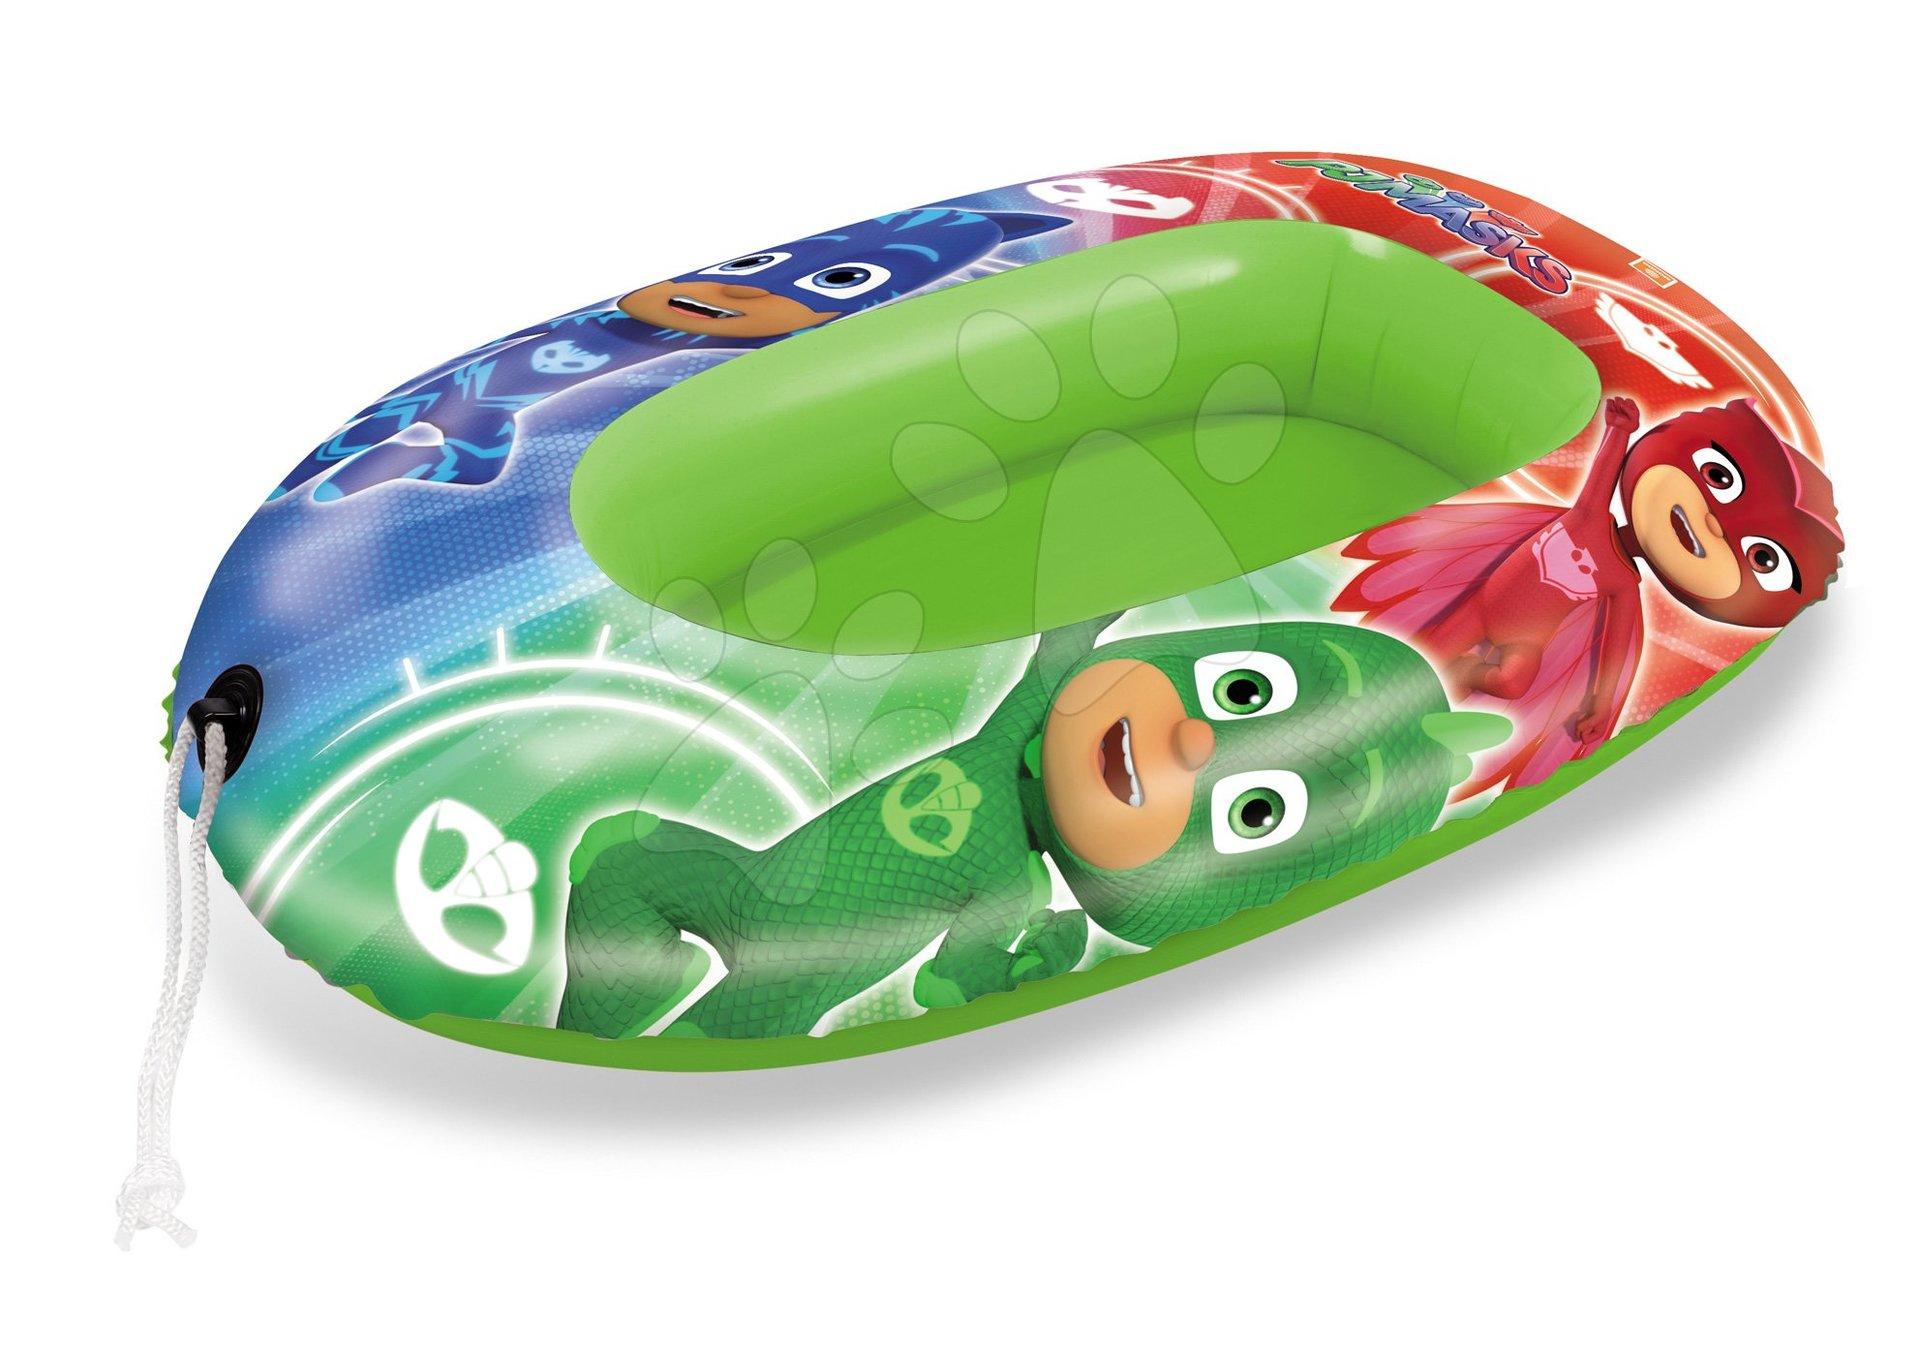 Mondo detský nafukovací čln PJ Masks 16688